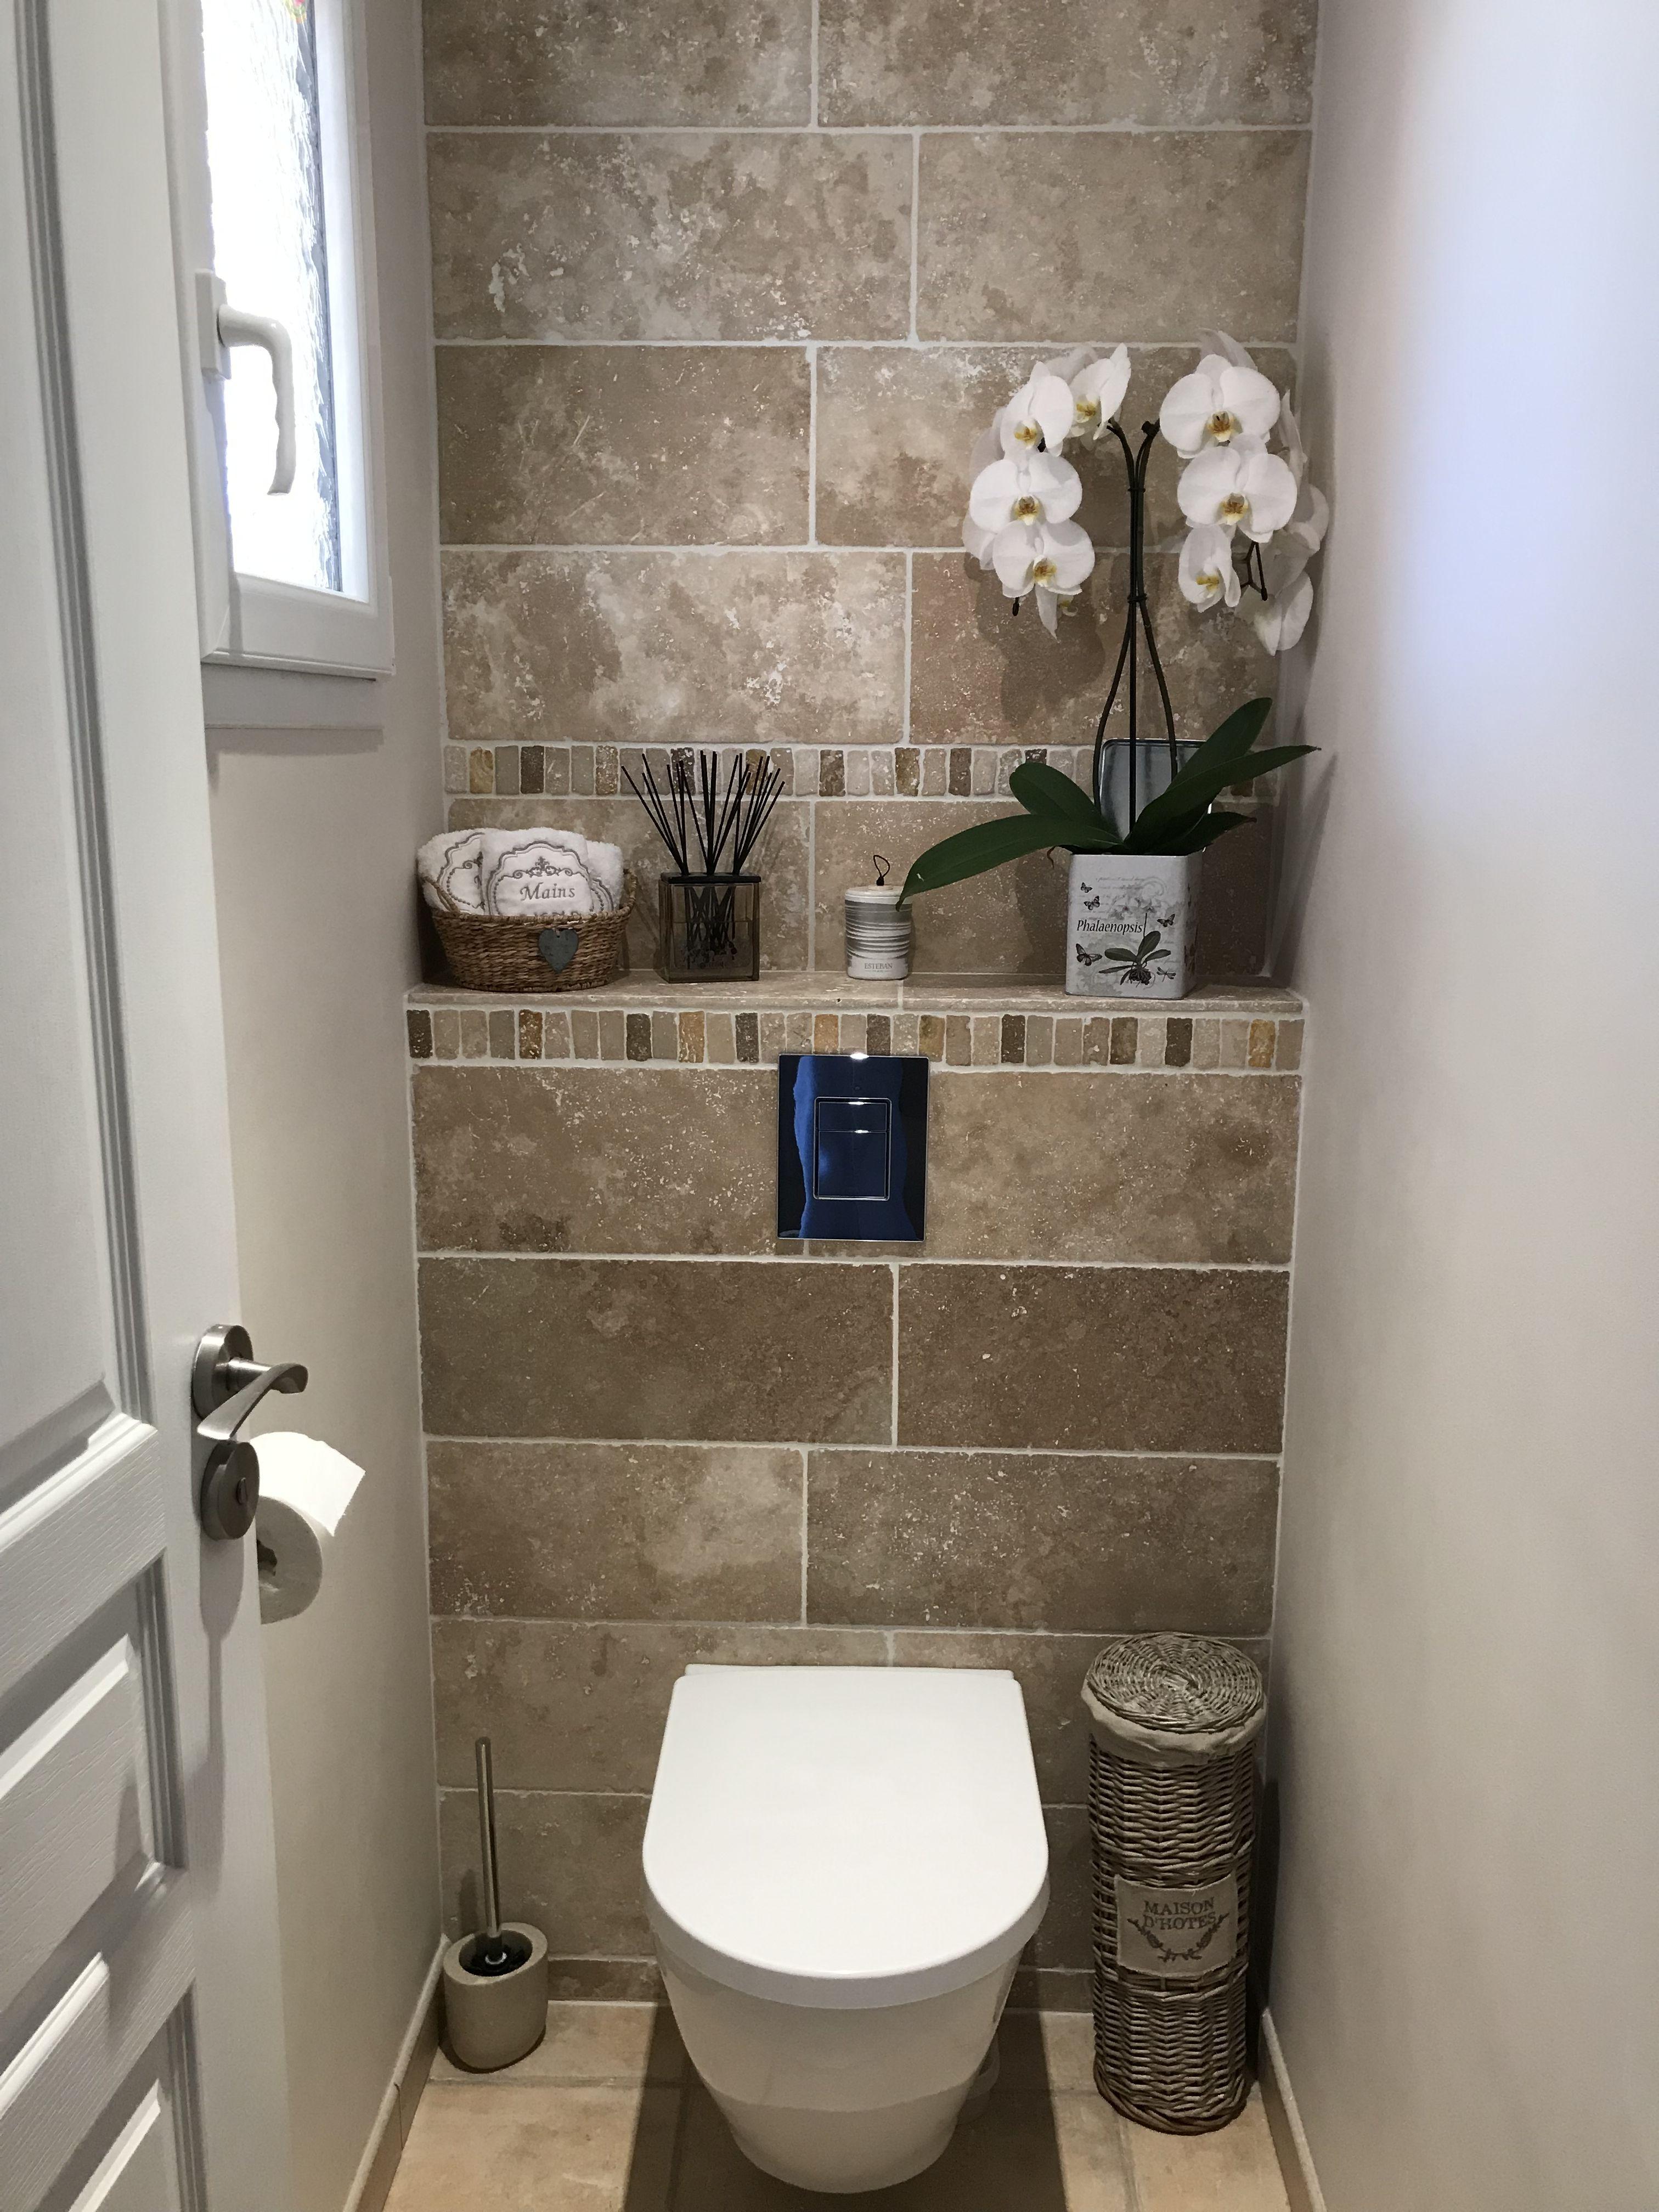 Epingle Par Abdou Elhadi Sur Carrelage Toilette Avec Images